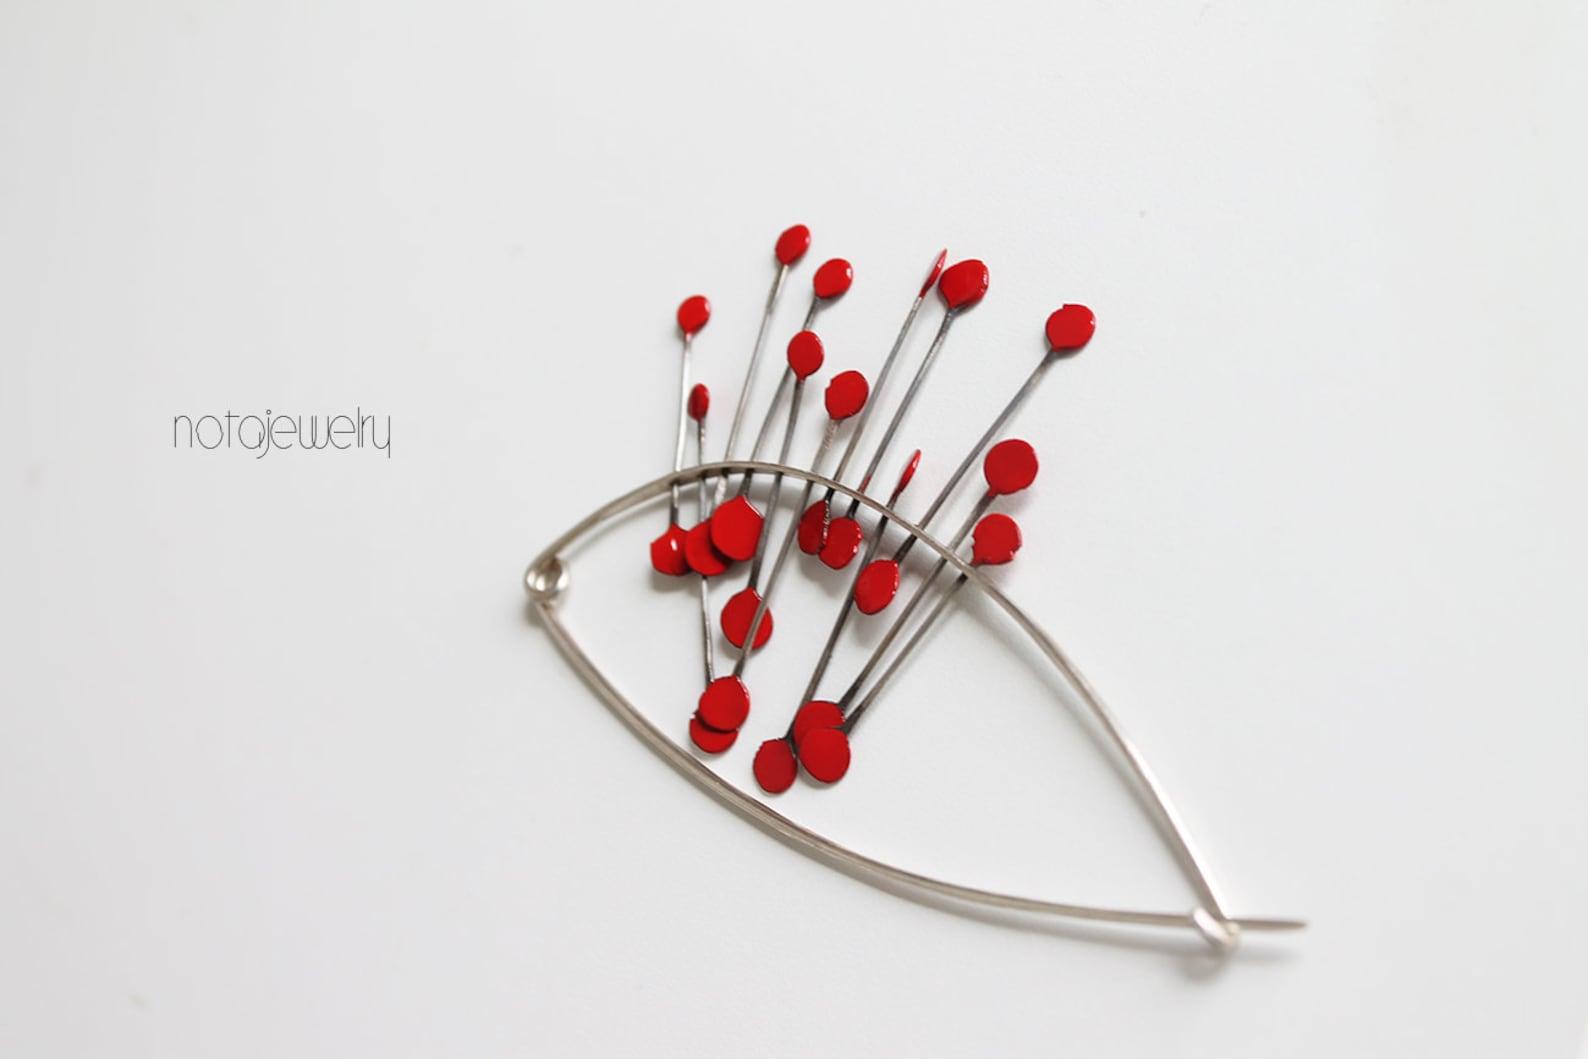 notAjewelry